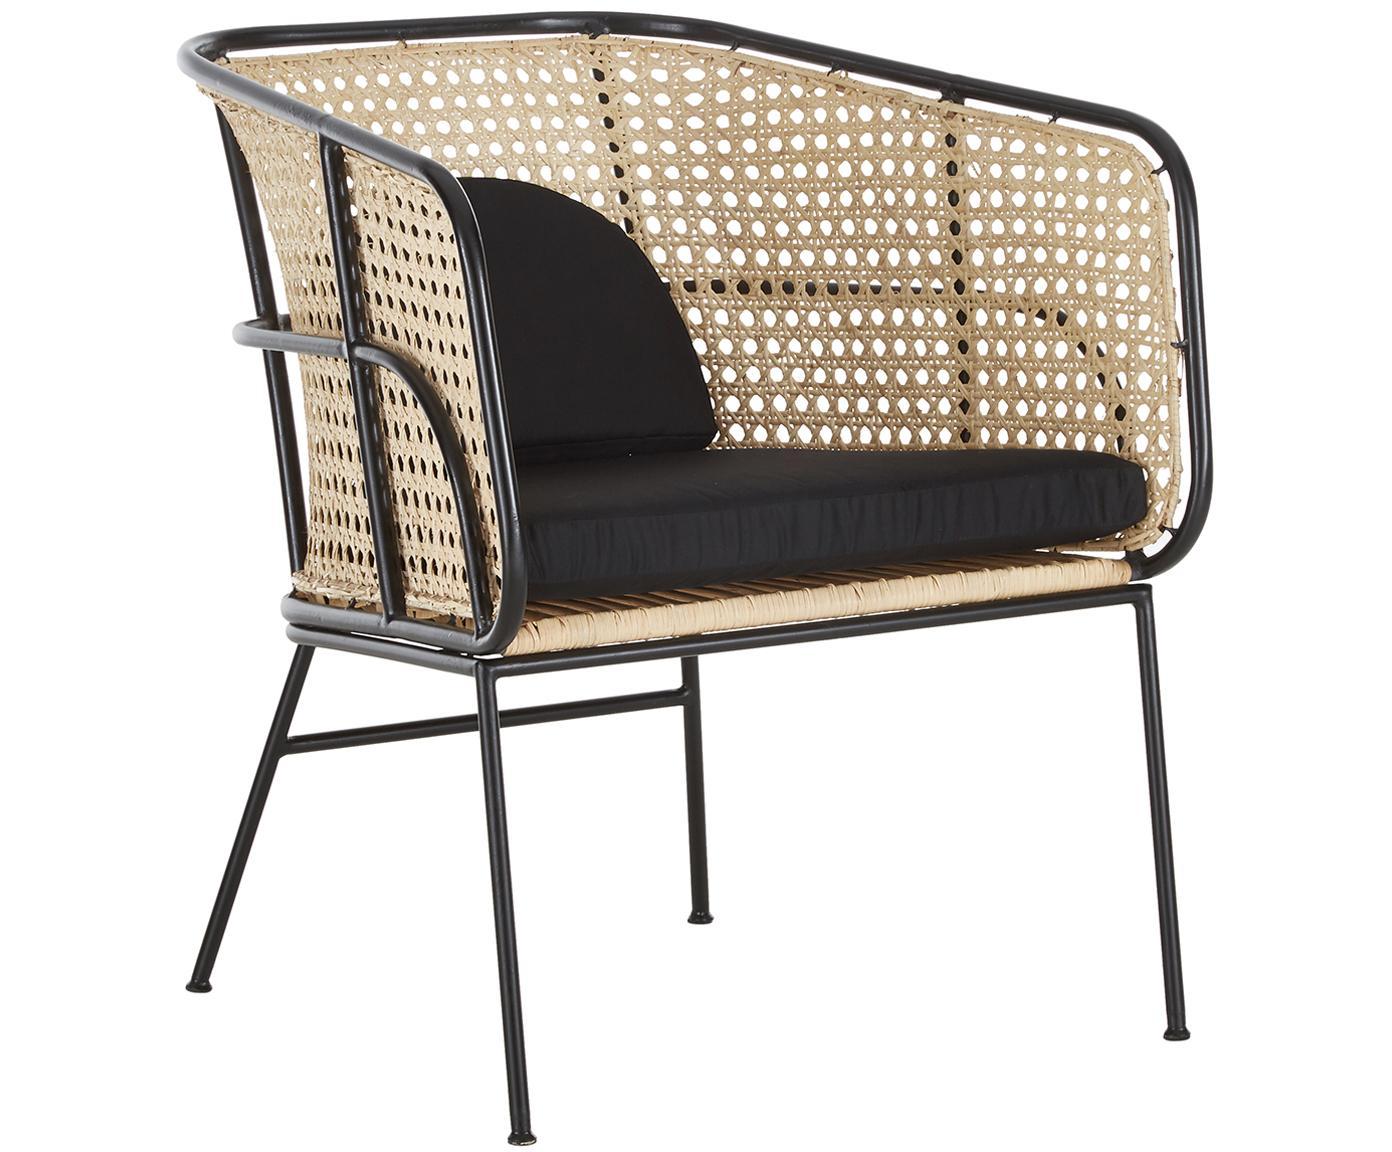 Krzesło z rattanu z podłokietnikami Merete, Stelaż: metal malowany proszkowo, Siedzisko: rattan Stelaż: czarny, matowy Poszewki: czarny, S 72 x G 74 cm